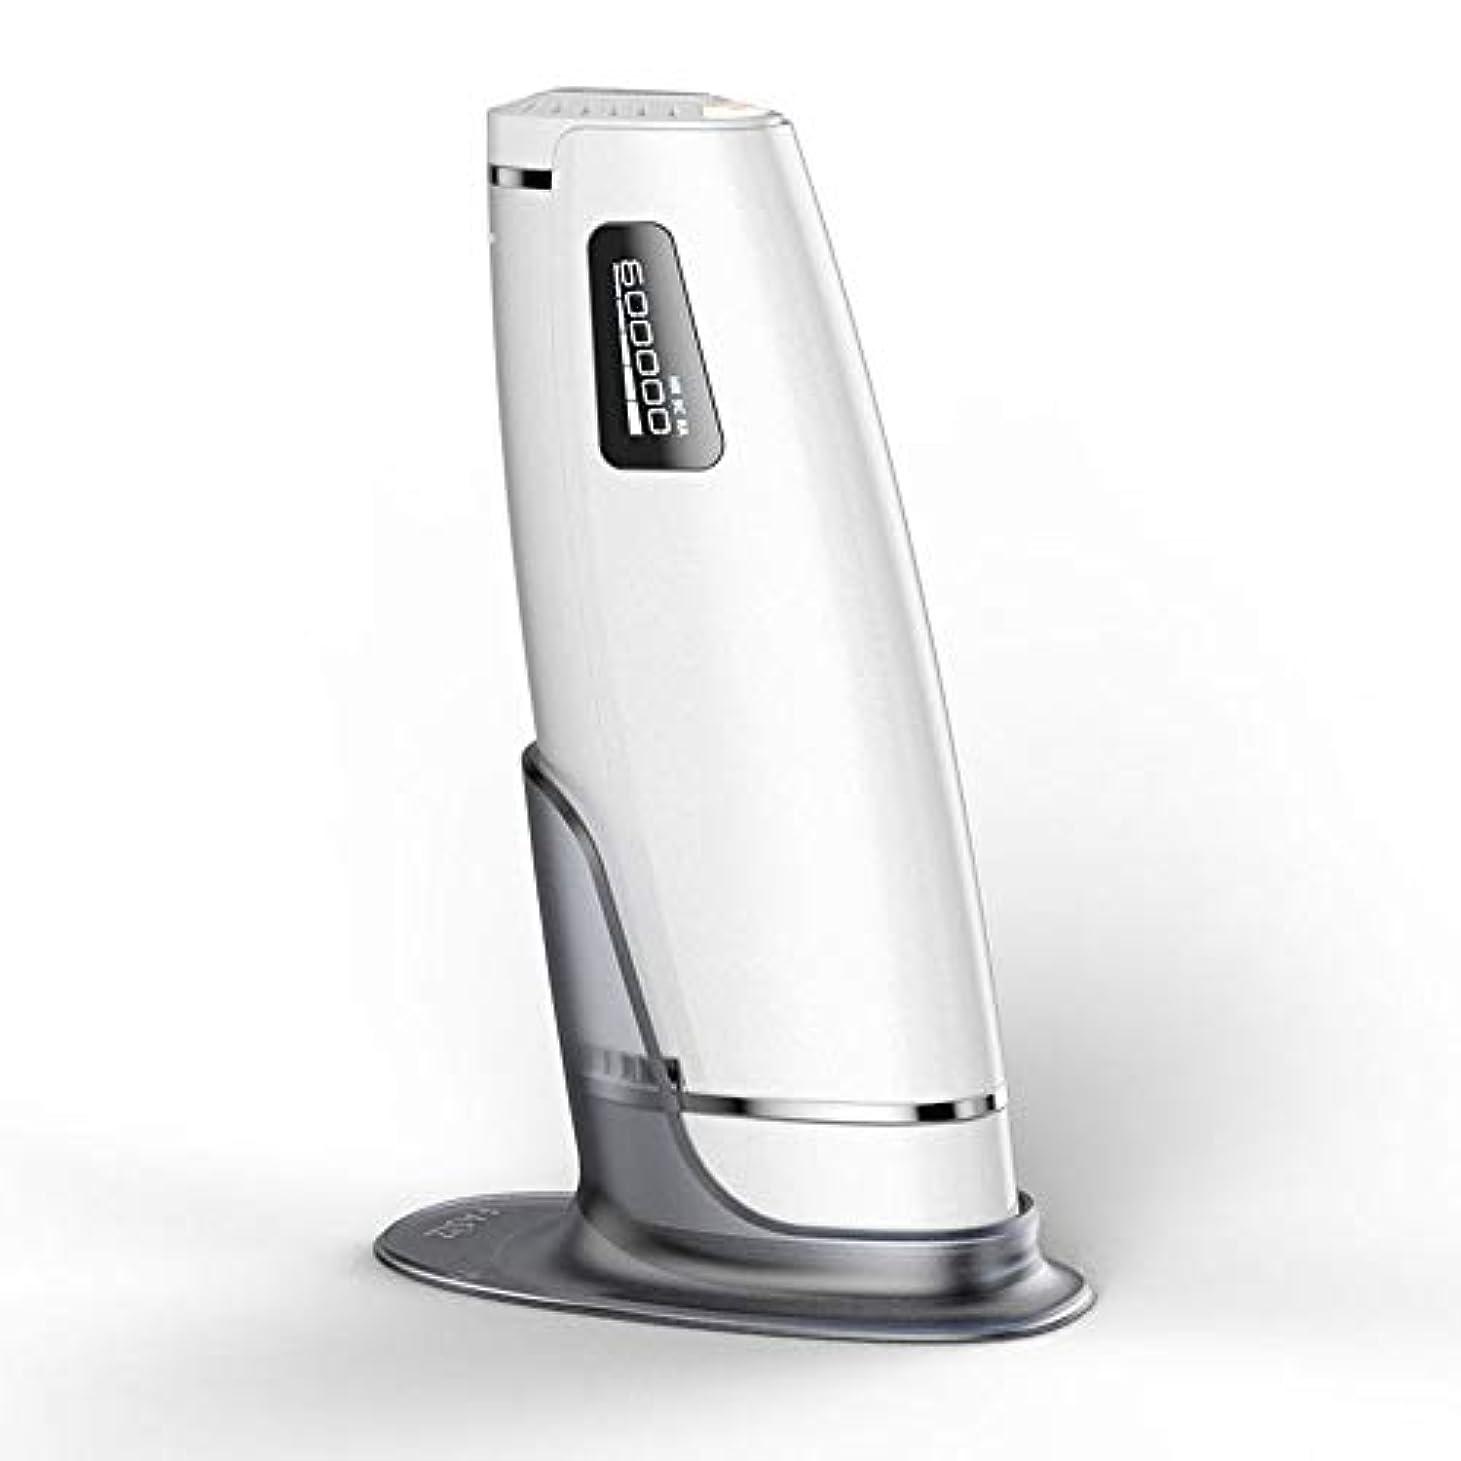 運賃管理車両家庭用自動痛みのない毛の除去剤、白、携帯用永久的な毛の除去剤、二重モード、5つの速度調節、サイズ20.5 X 4.5 X 7 Cm 効果が良い